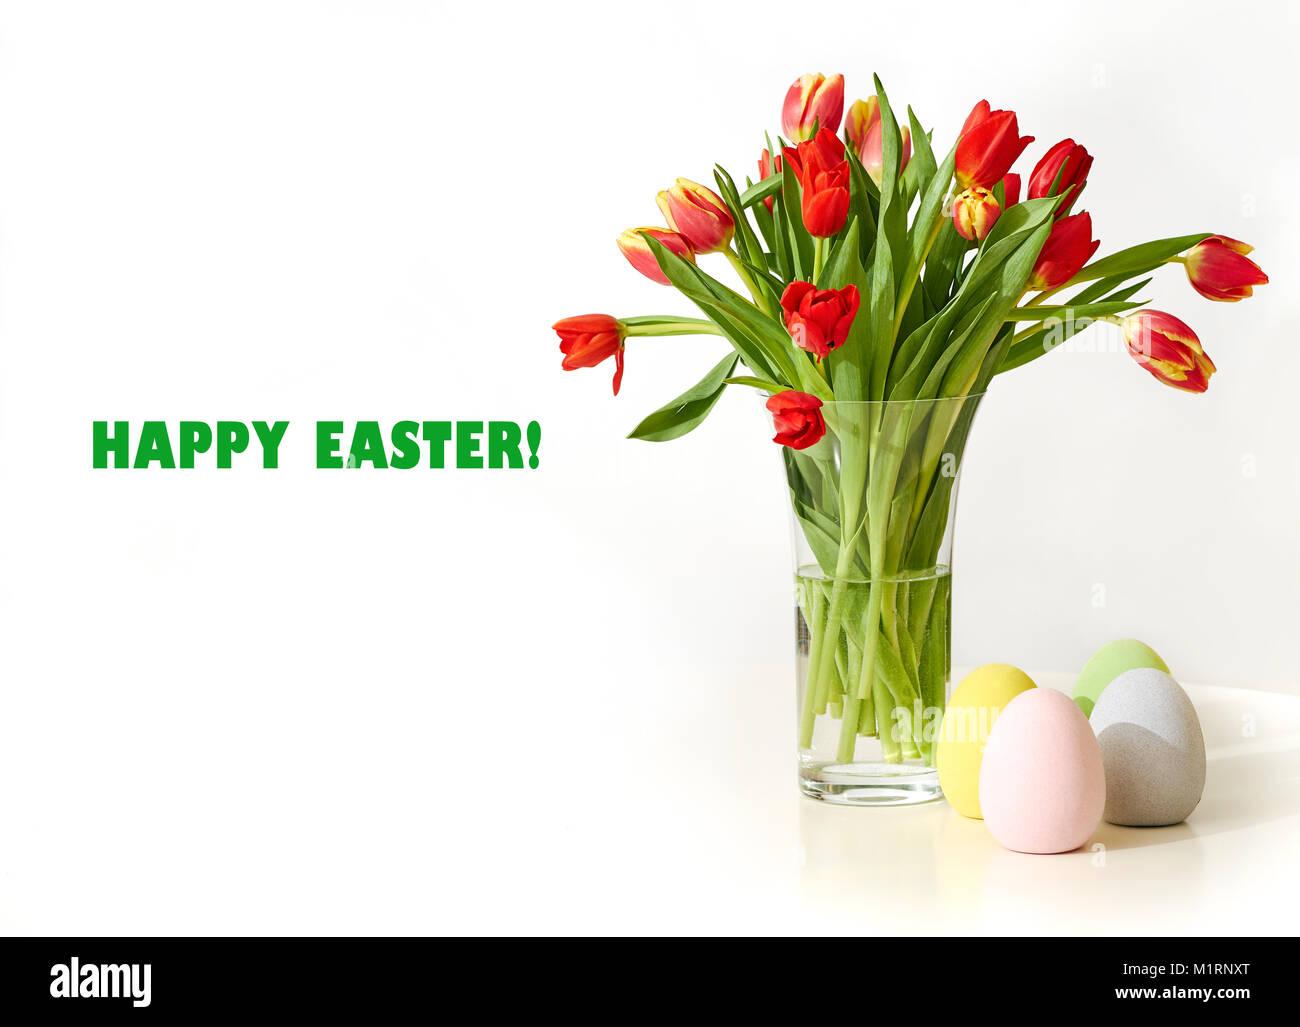 Carte postale pour Pâques Photo Stock